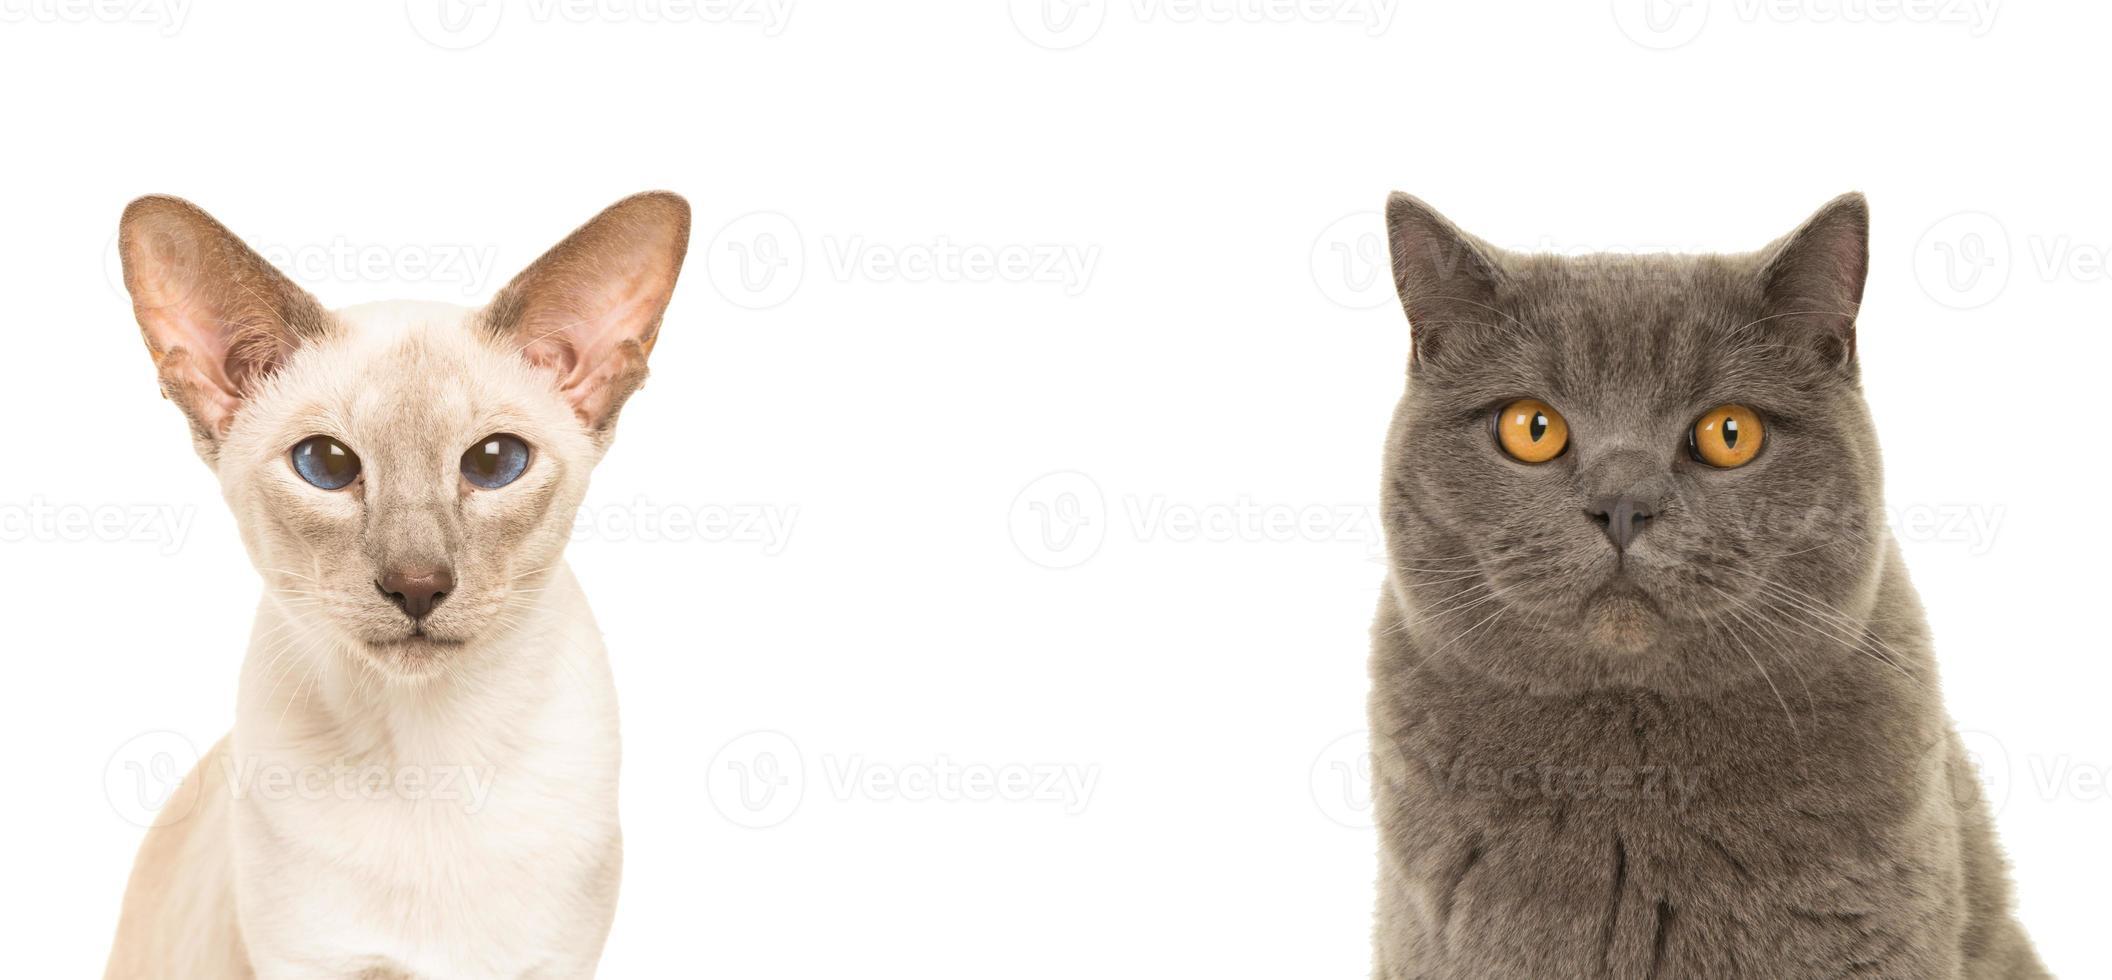 dúo retrato de gato siamés y británico de pelo corto foto